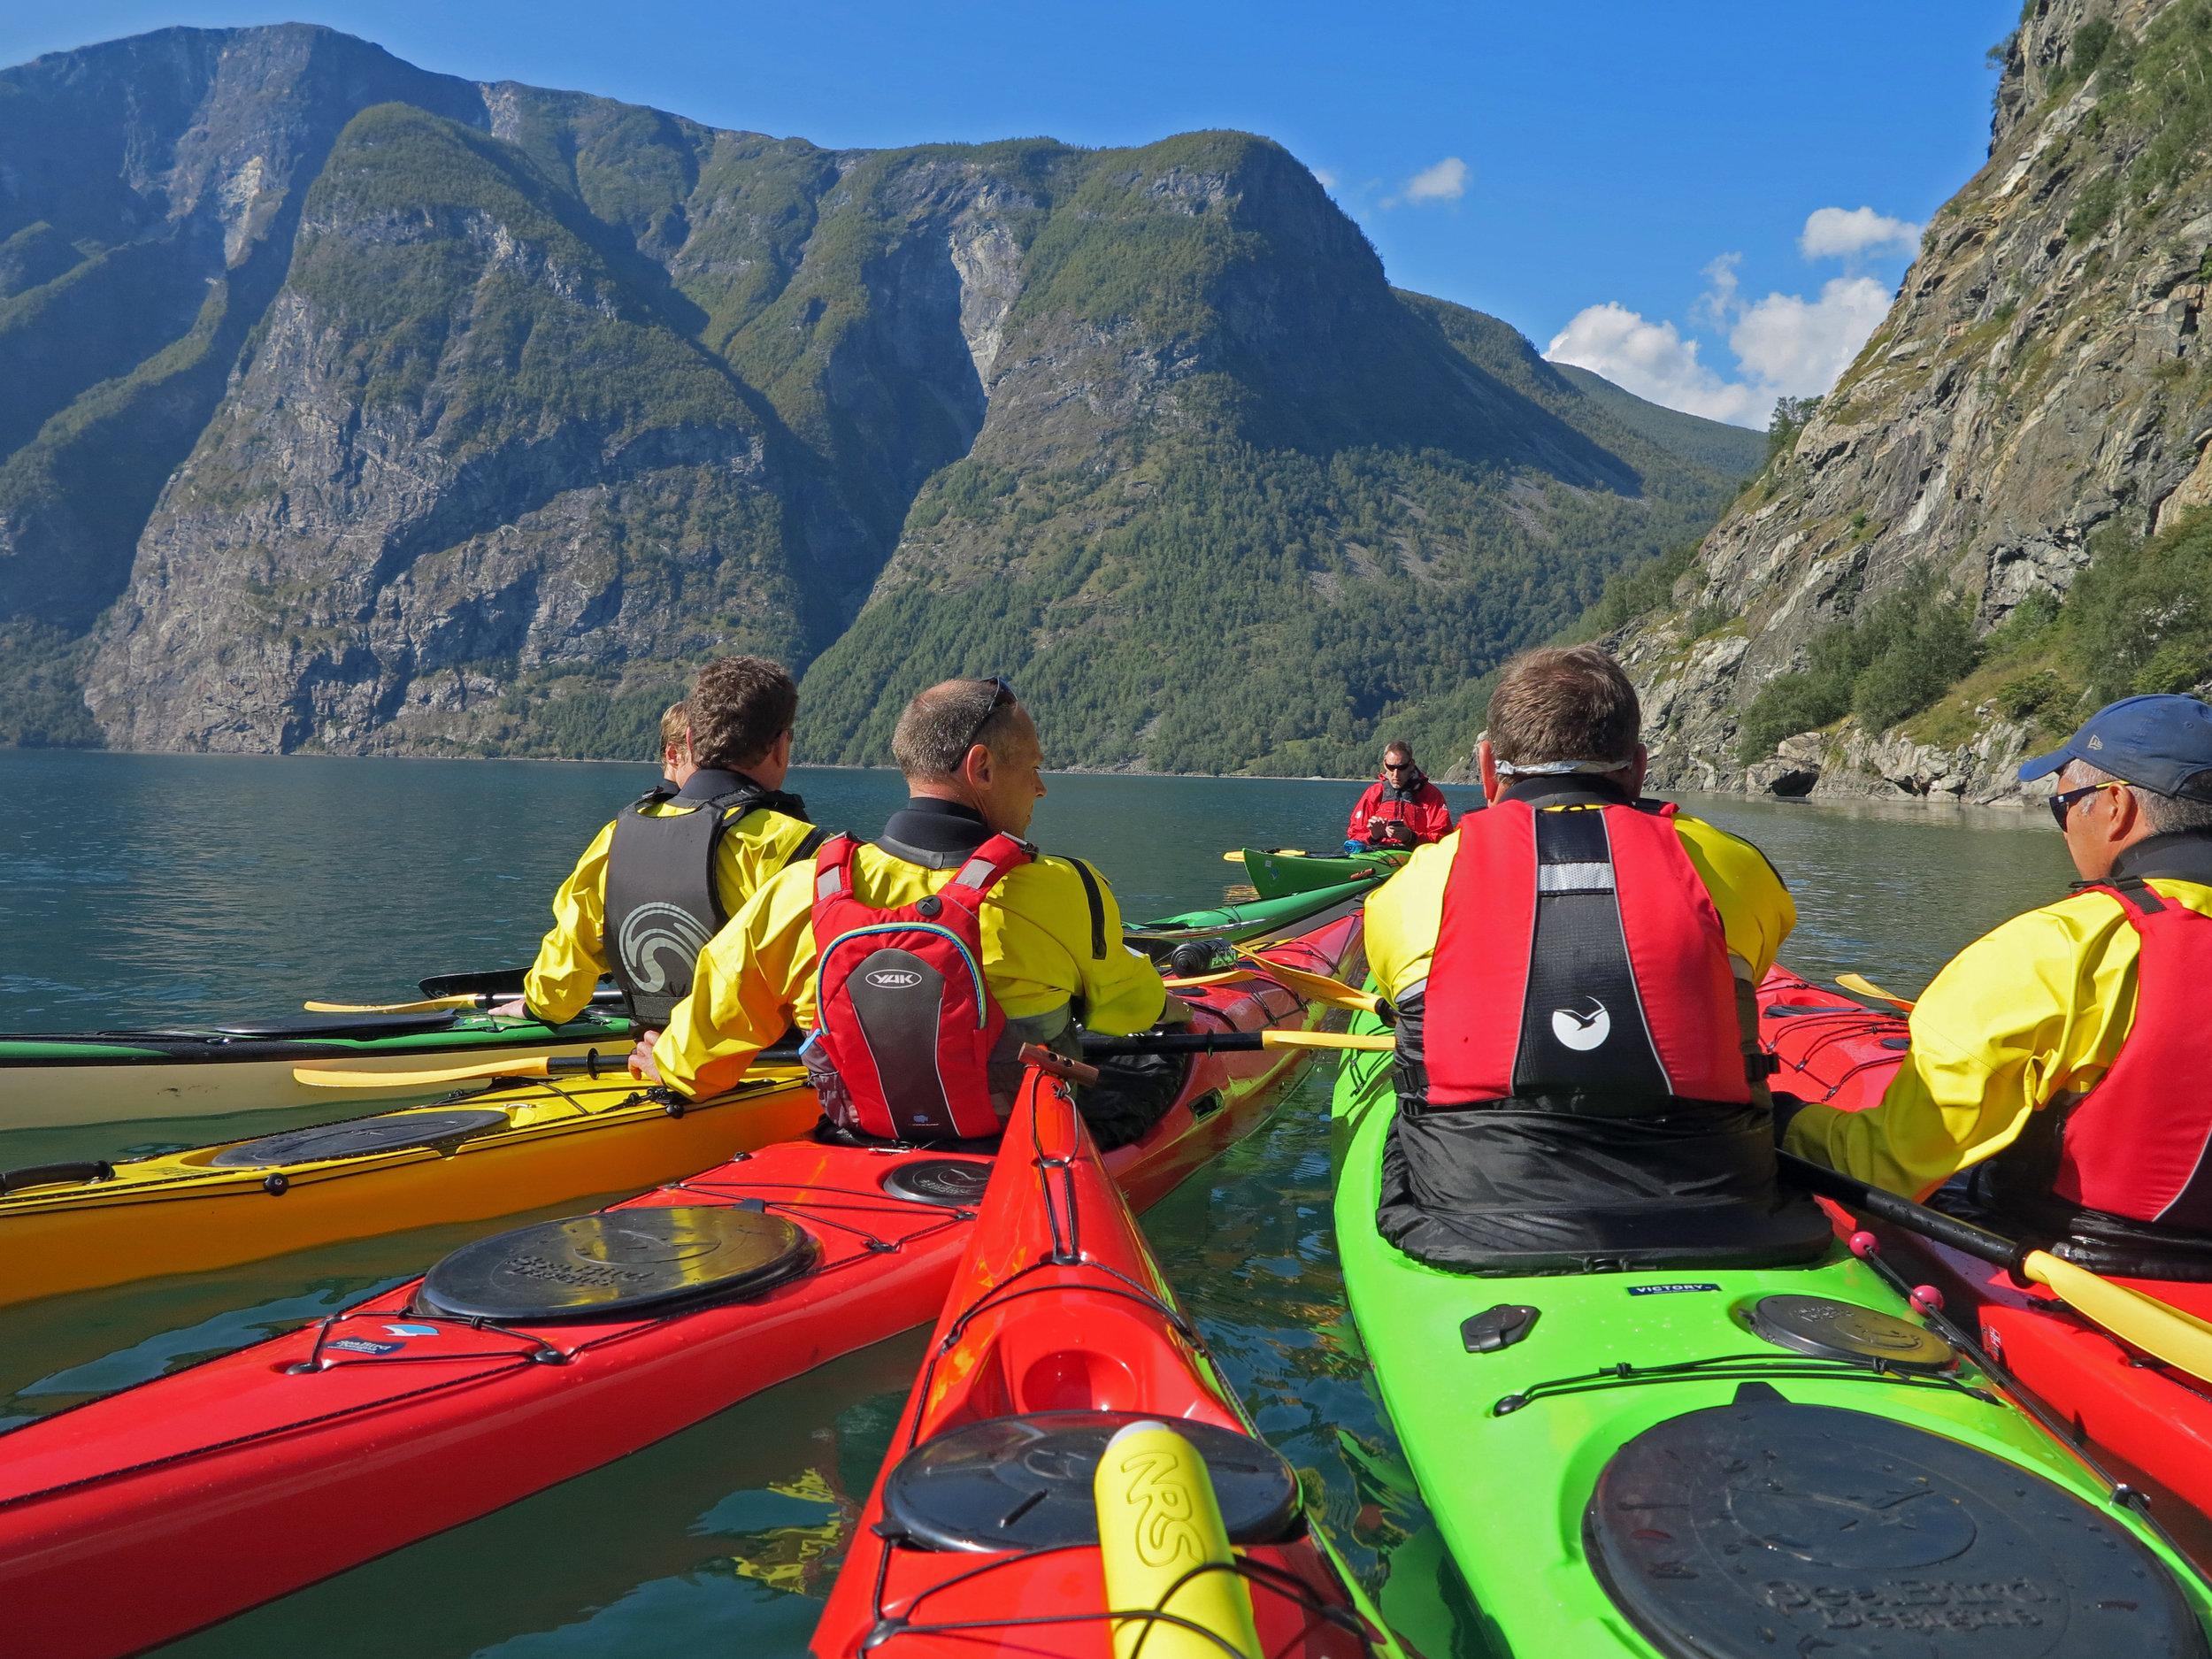 Bulder & Brak Opplevingar take people on guided trips in a kayak. Photo: www.bulderogbrak.no